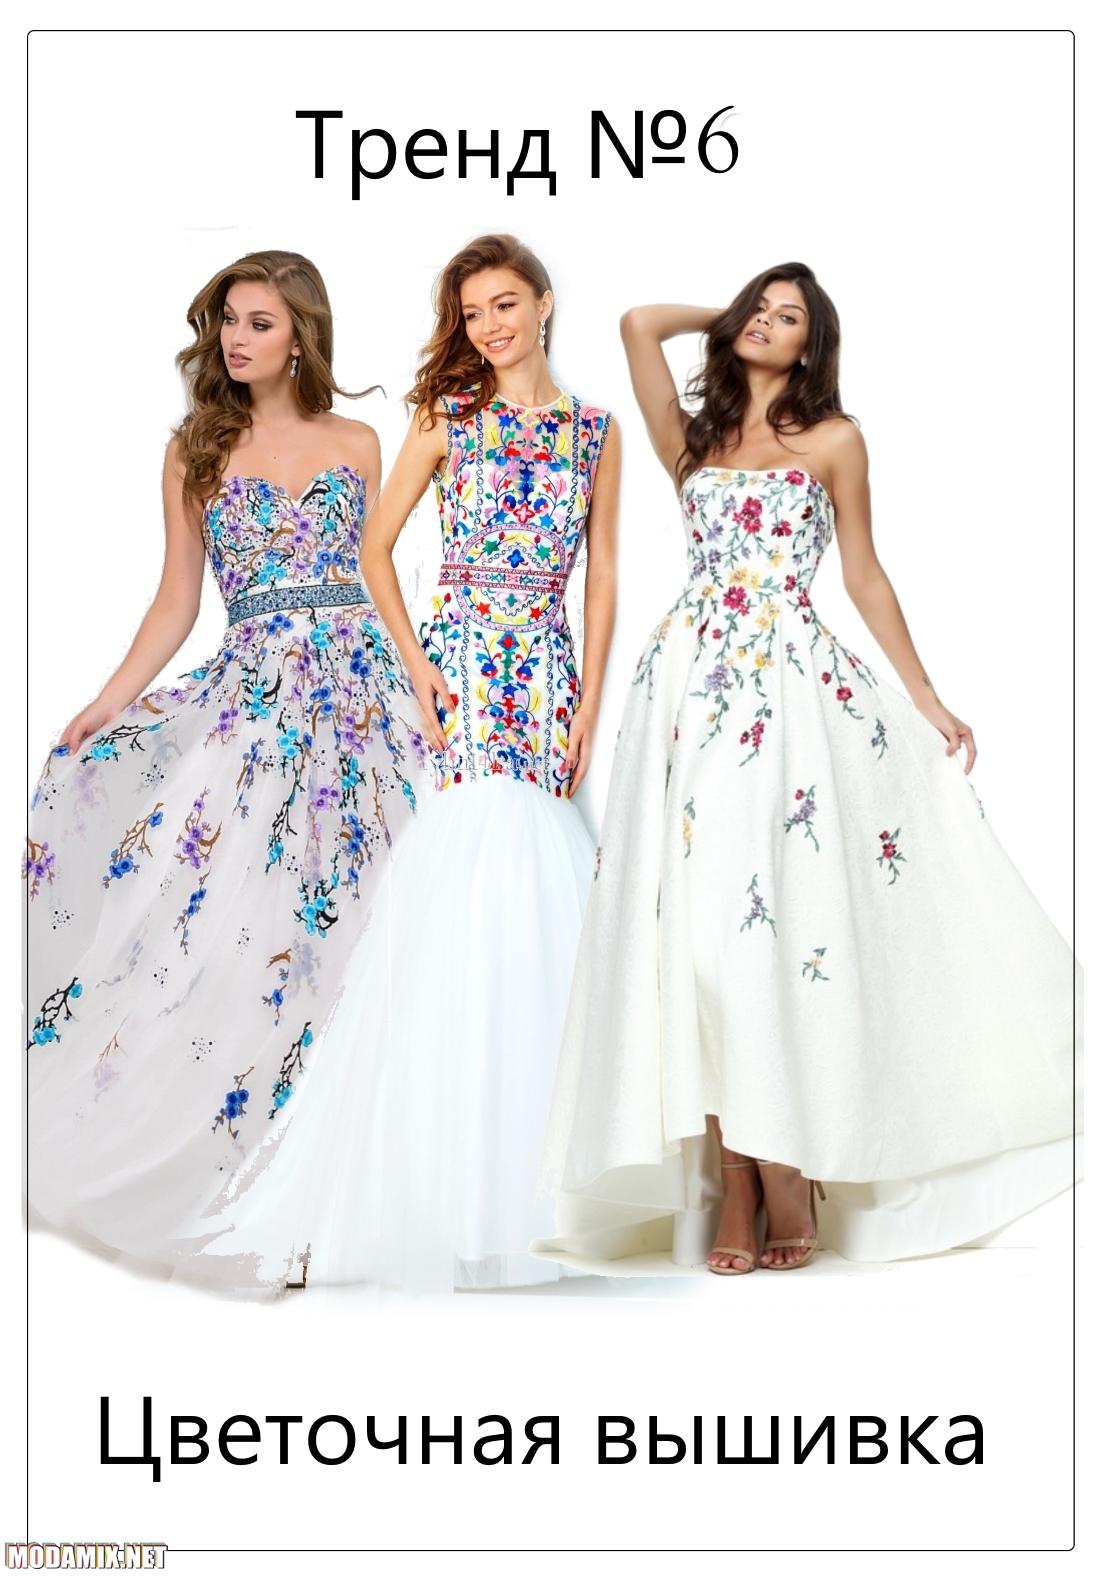 Вышивка выпускных платьев